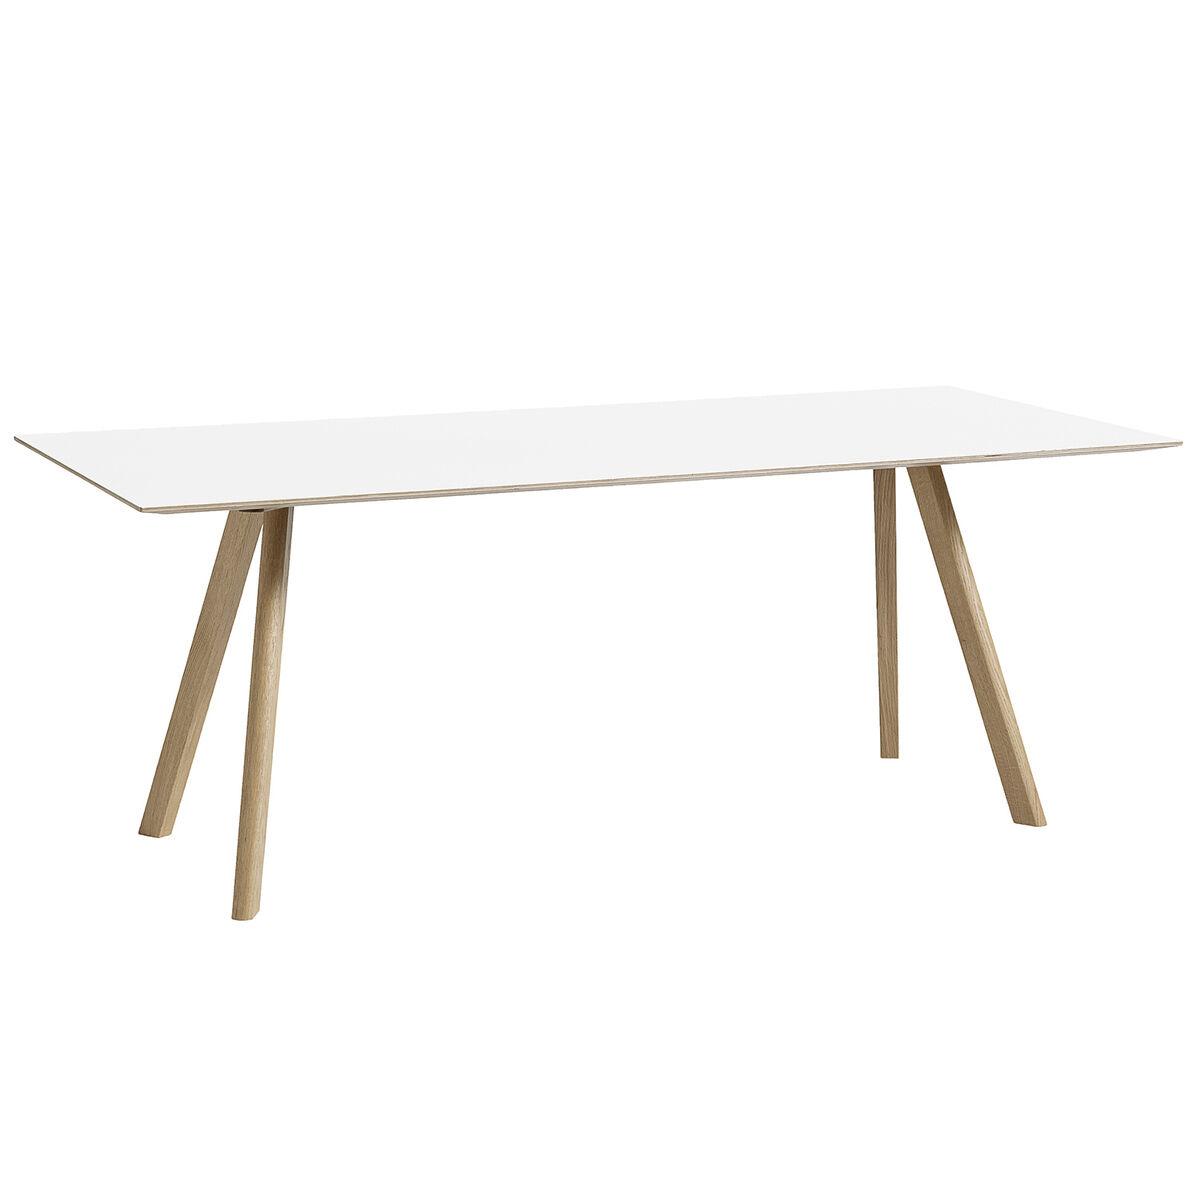 Hay CPH30 pöytä 200x90 cm, saippuoitu tammi - valkoinen laminaatti